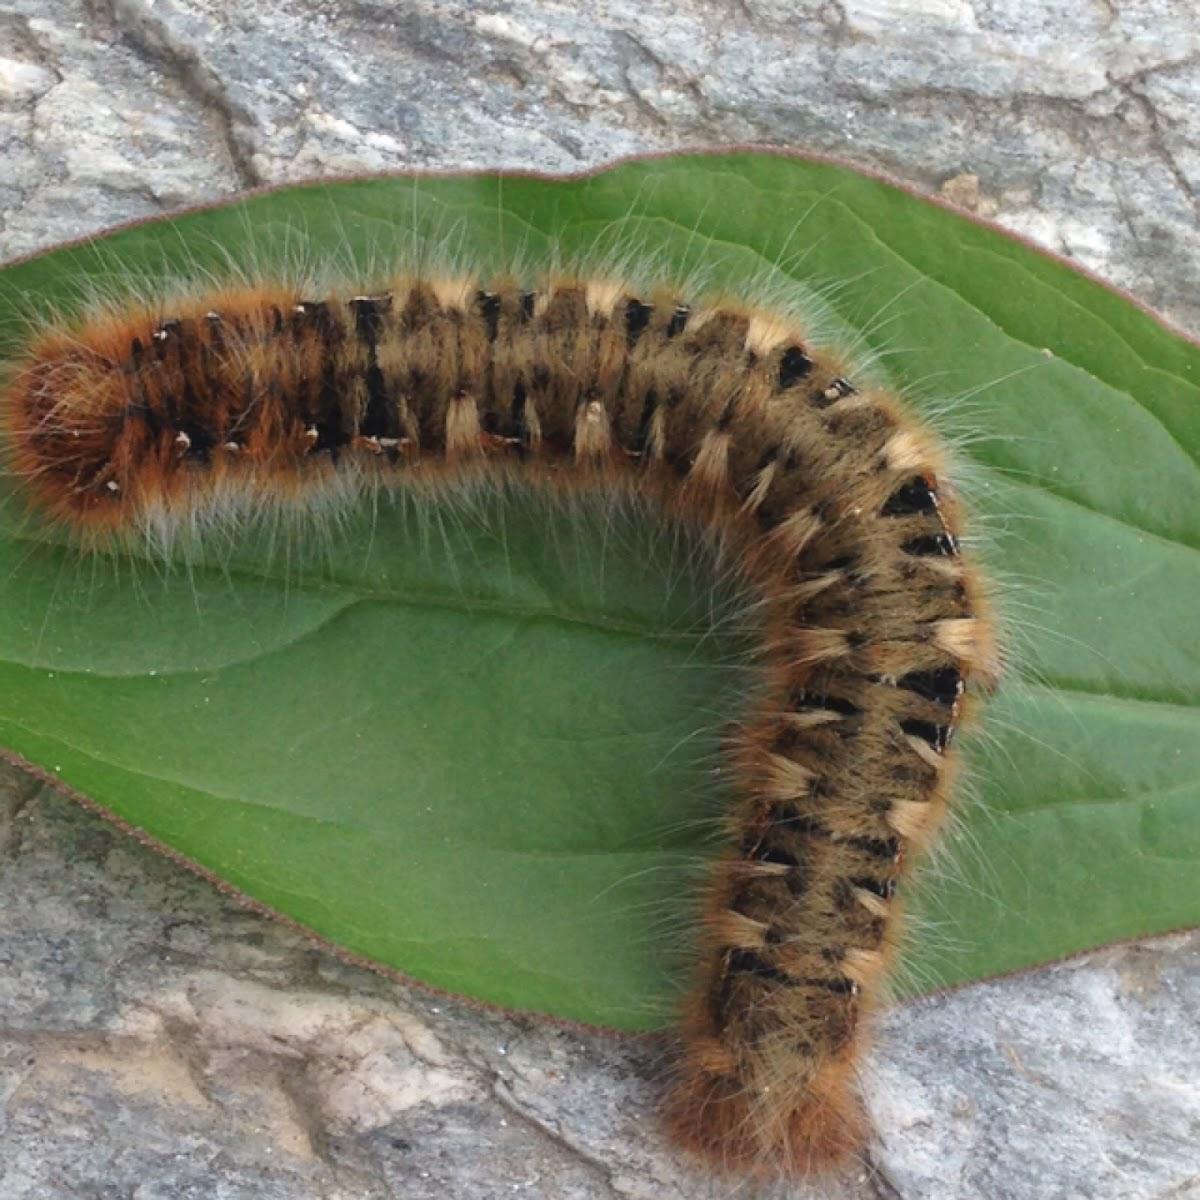 Oak eggar (caterpillar)